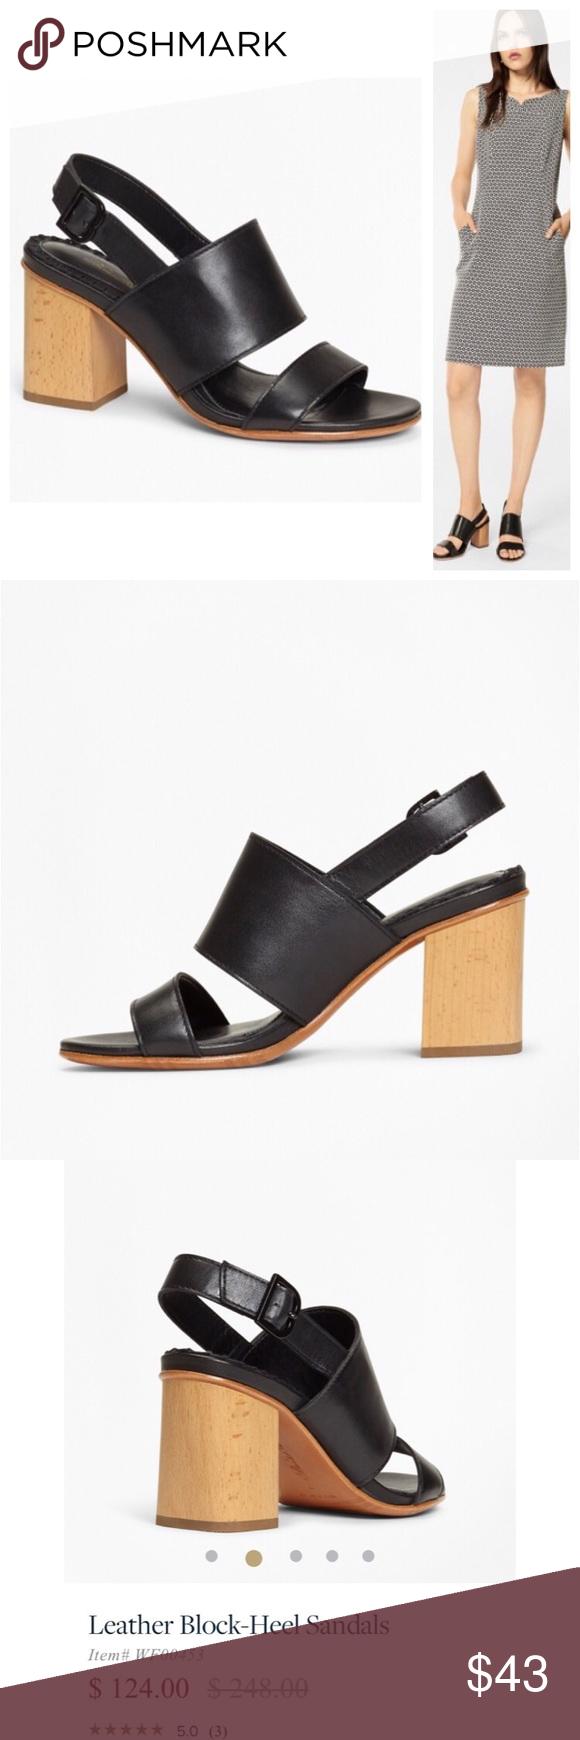 ea8f86180ec BROOKS BROTHERS Leather Block-Heel Sandals Shoes 7 Designer Brooks Brother  Leather Block-Heel